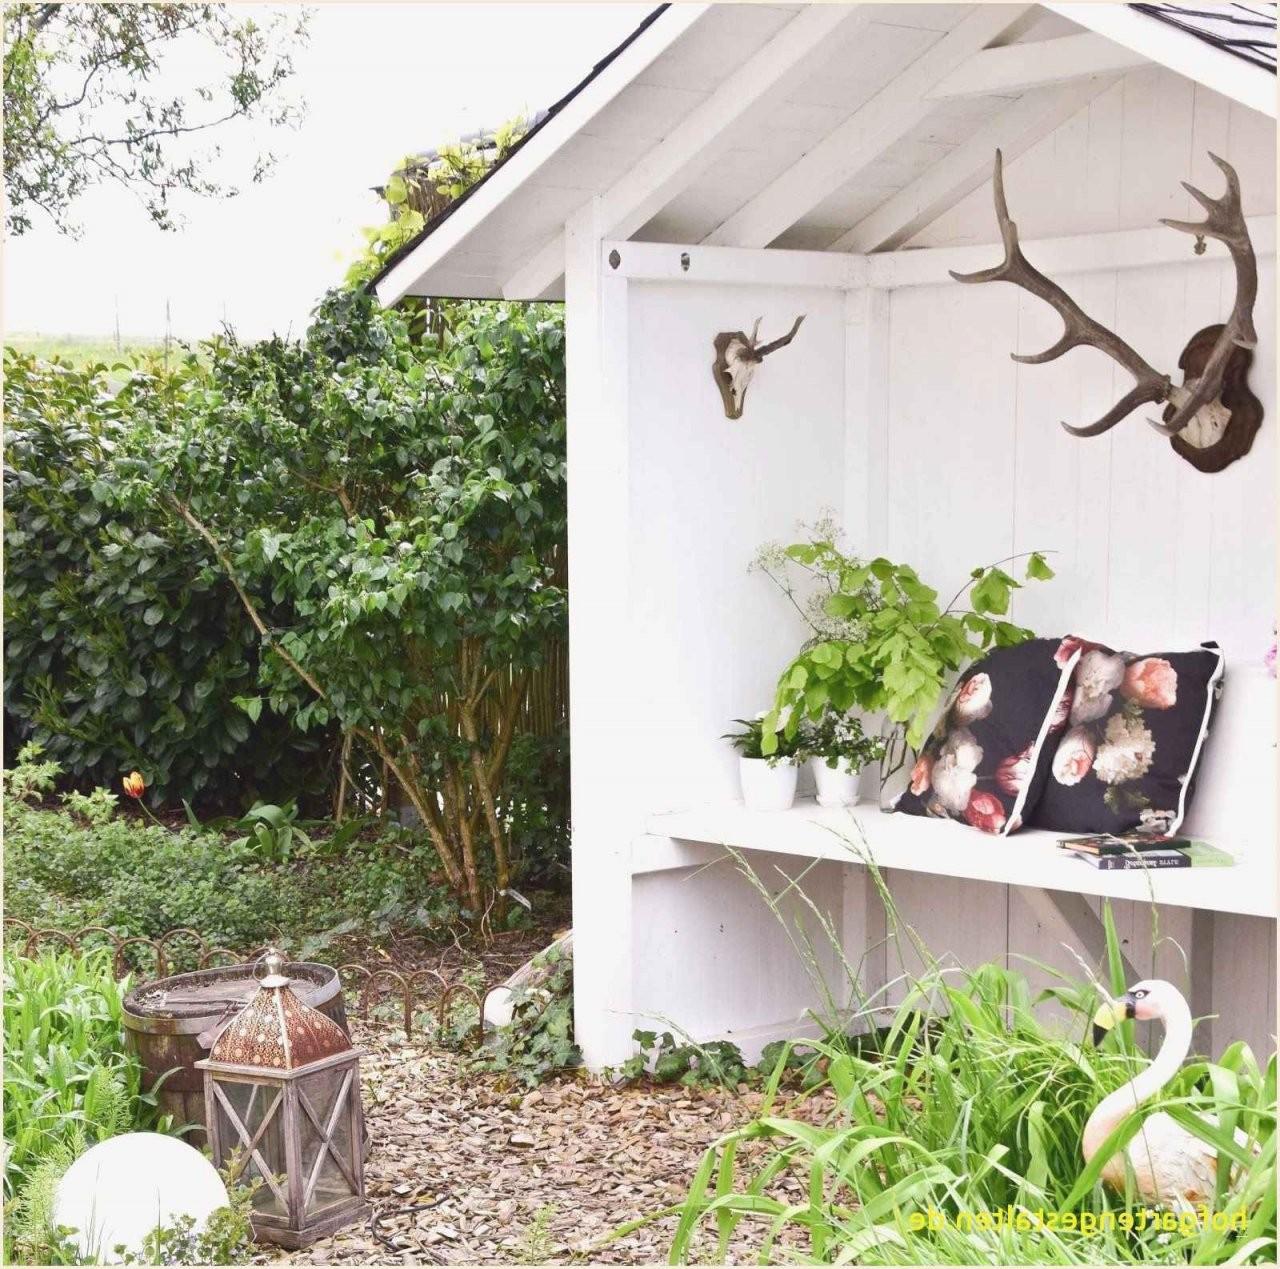 Deko Für Haus Und Garten Selber Machen Luxus 60 Luxus Garten von Haus Dekoration Selber Machen Photo